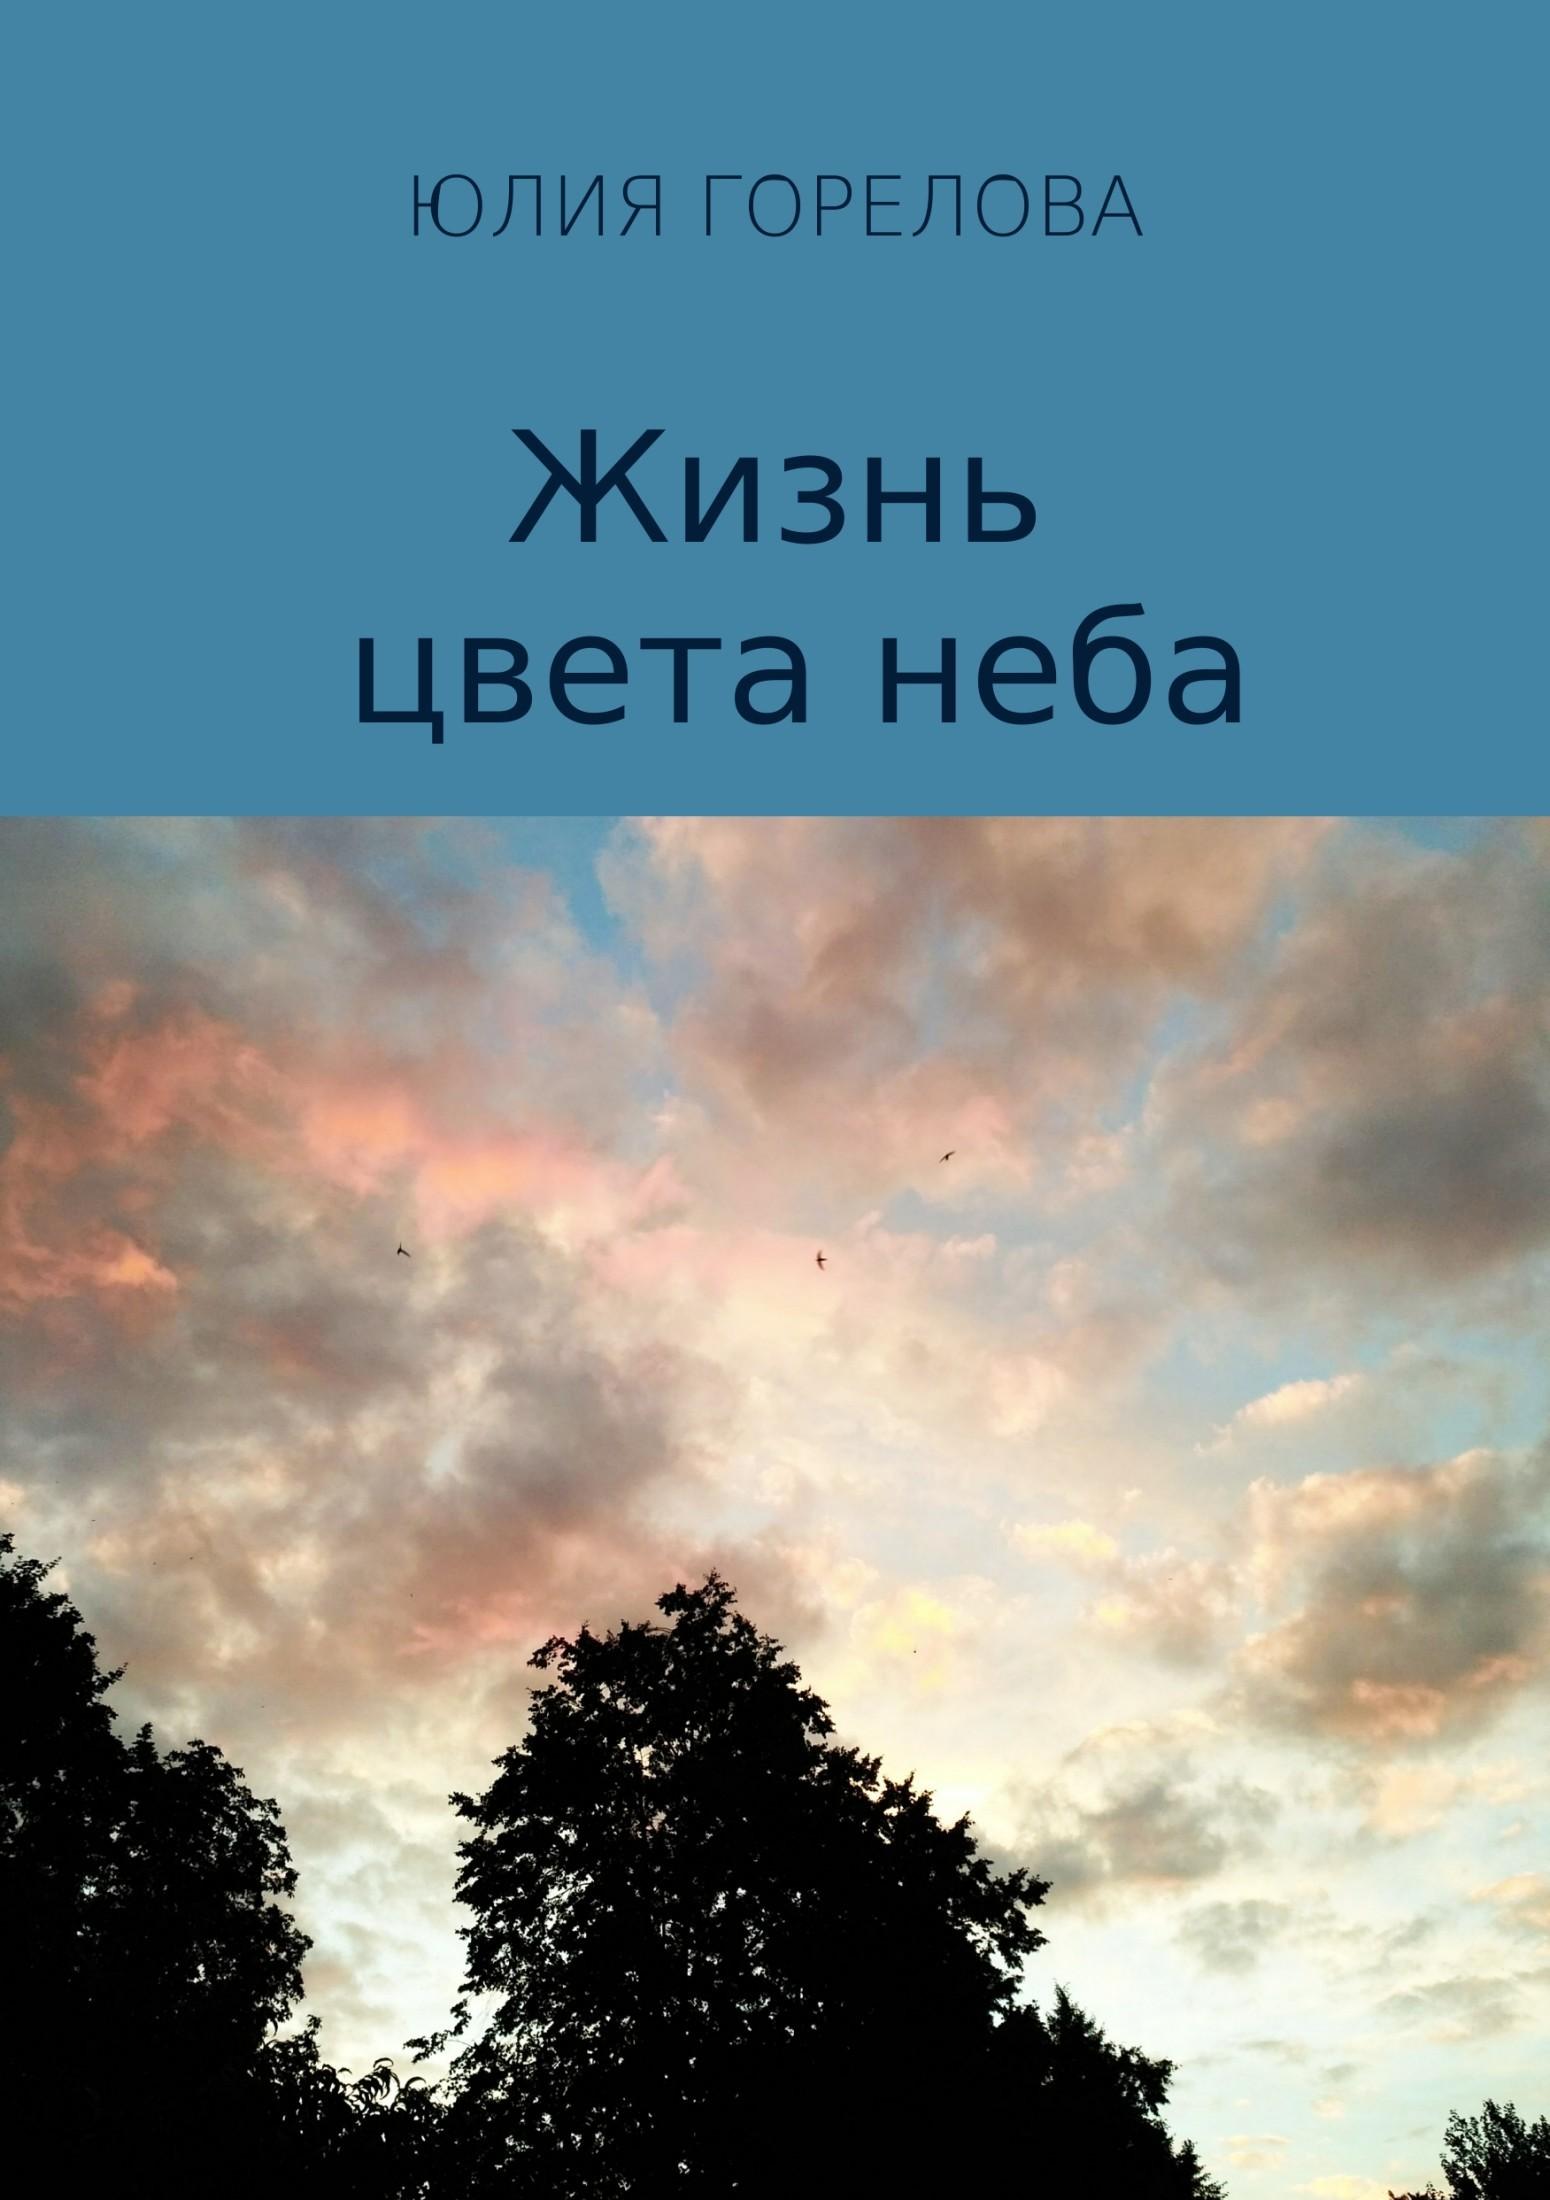 Жизнь цвета неба